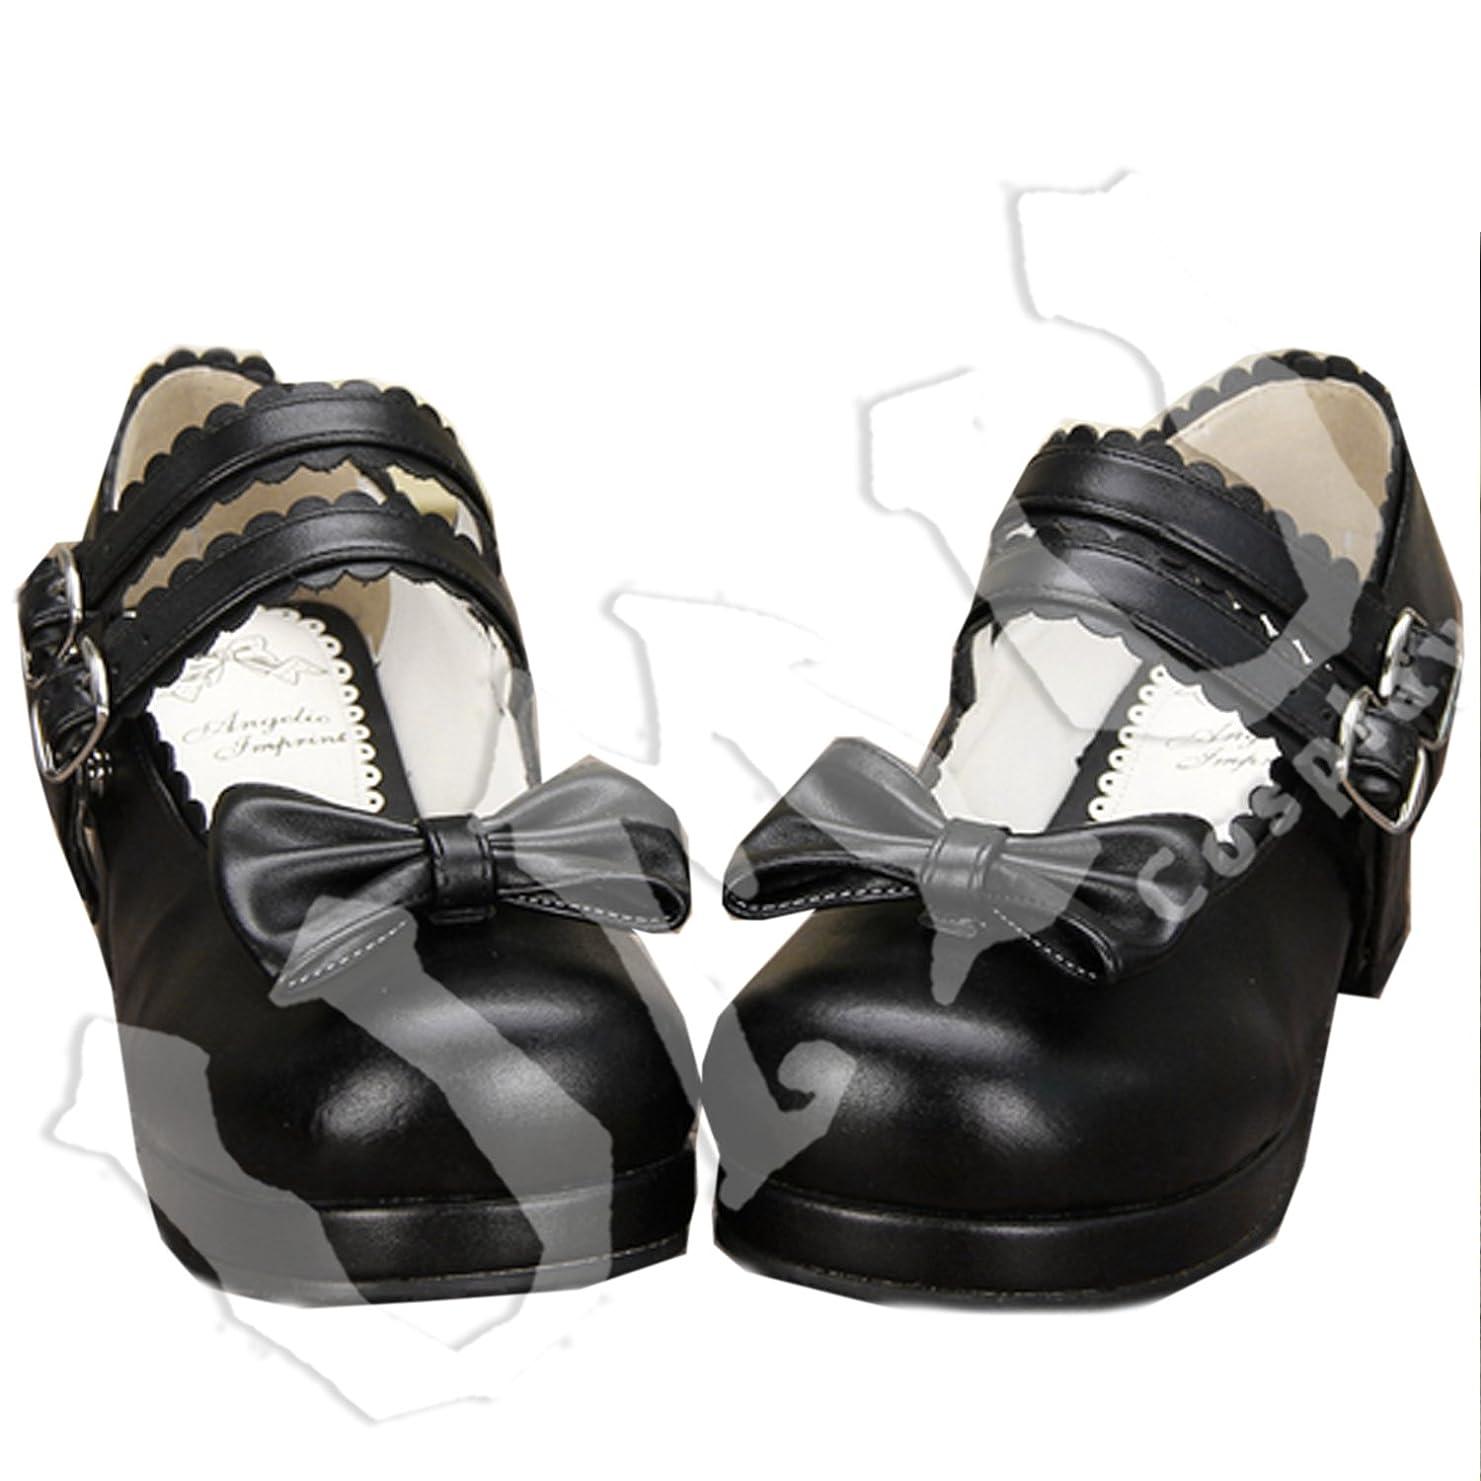 花火官僚割り当てます【UMU】 LOLITA ロリータ クロ 可愛い 日常 風 靴 ブーツ ブーティ オーダーメイド(ヒール高、材質、靴色は変更可能!) (足28cm)